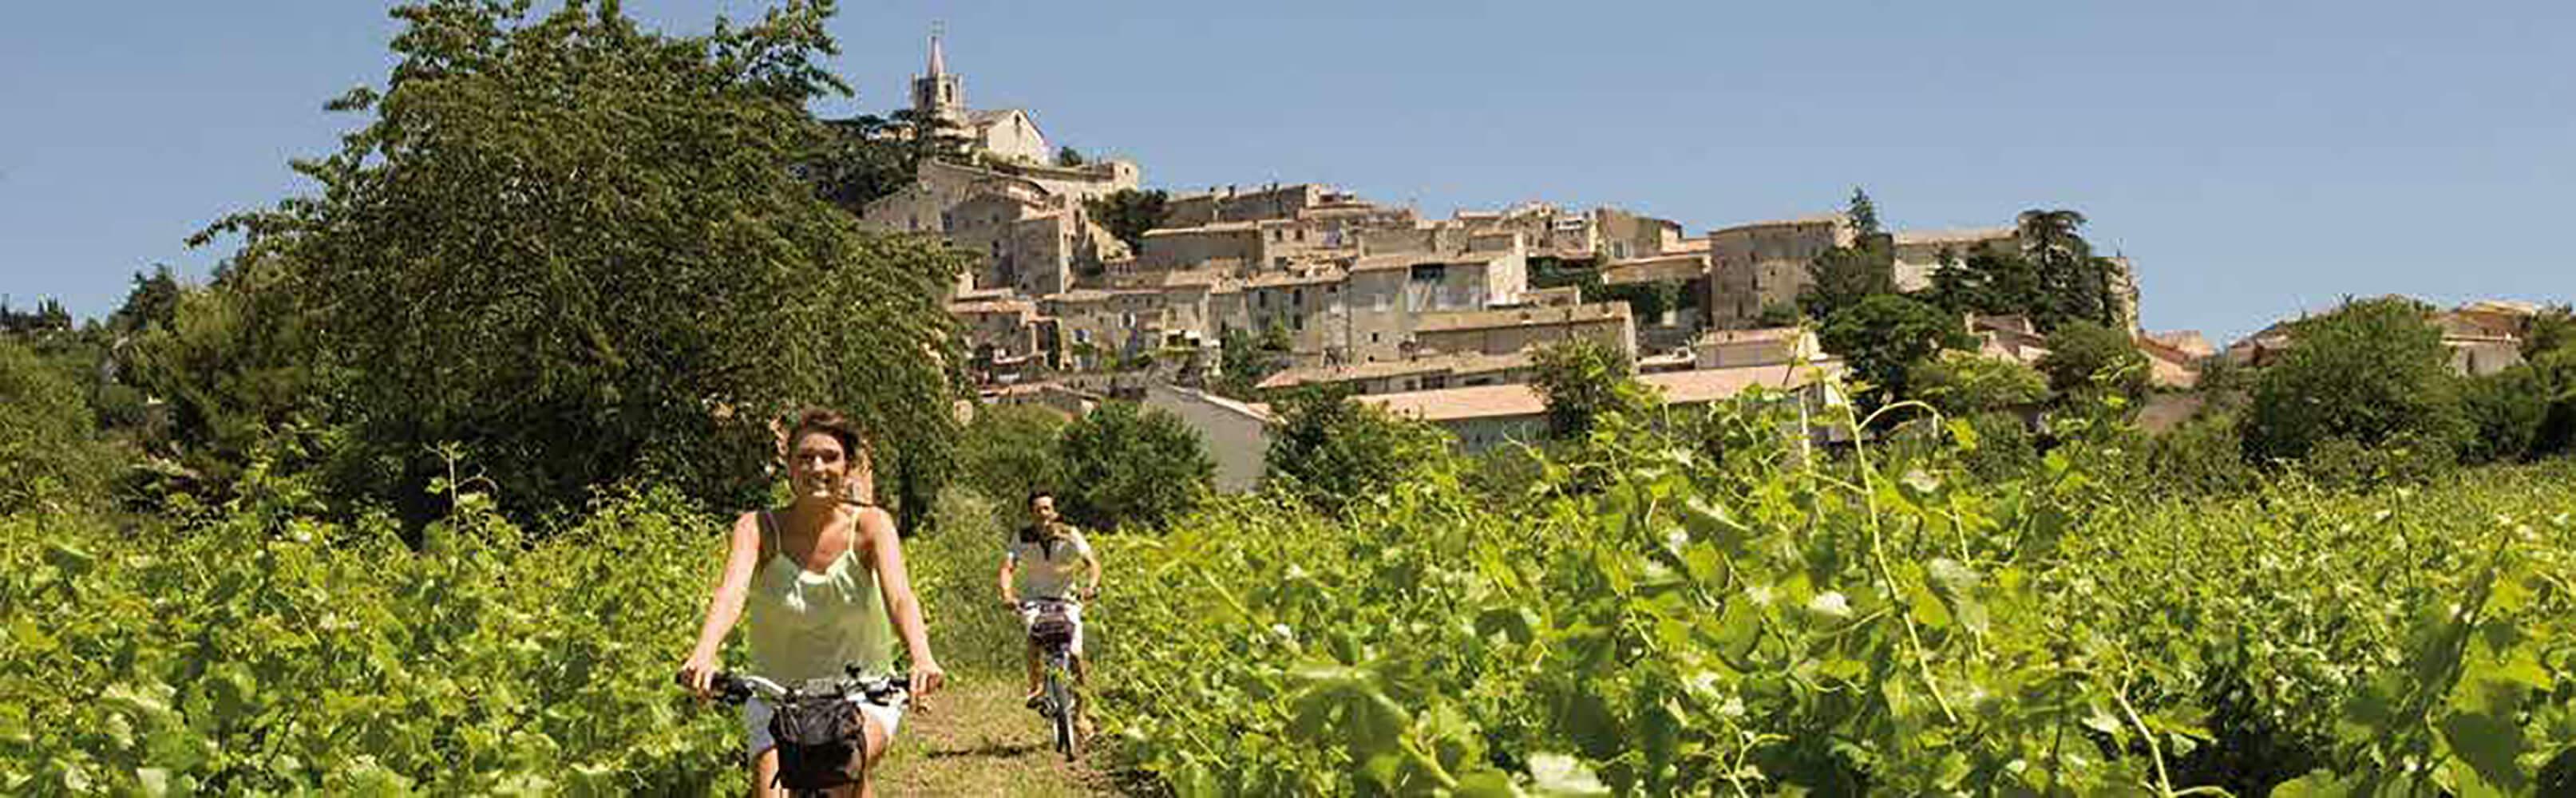 Radreisen durch die Provence und die Camargue 1